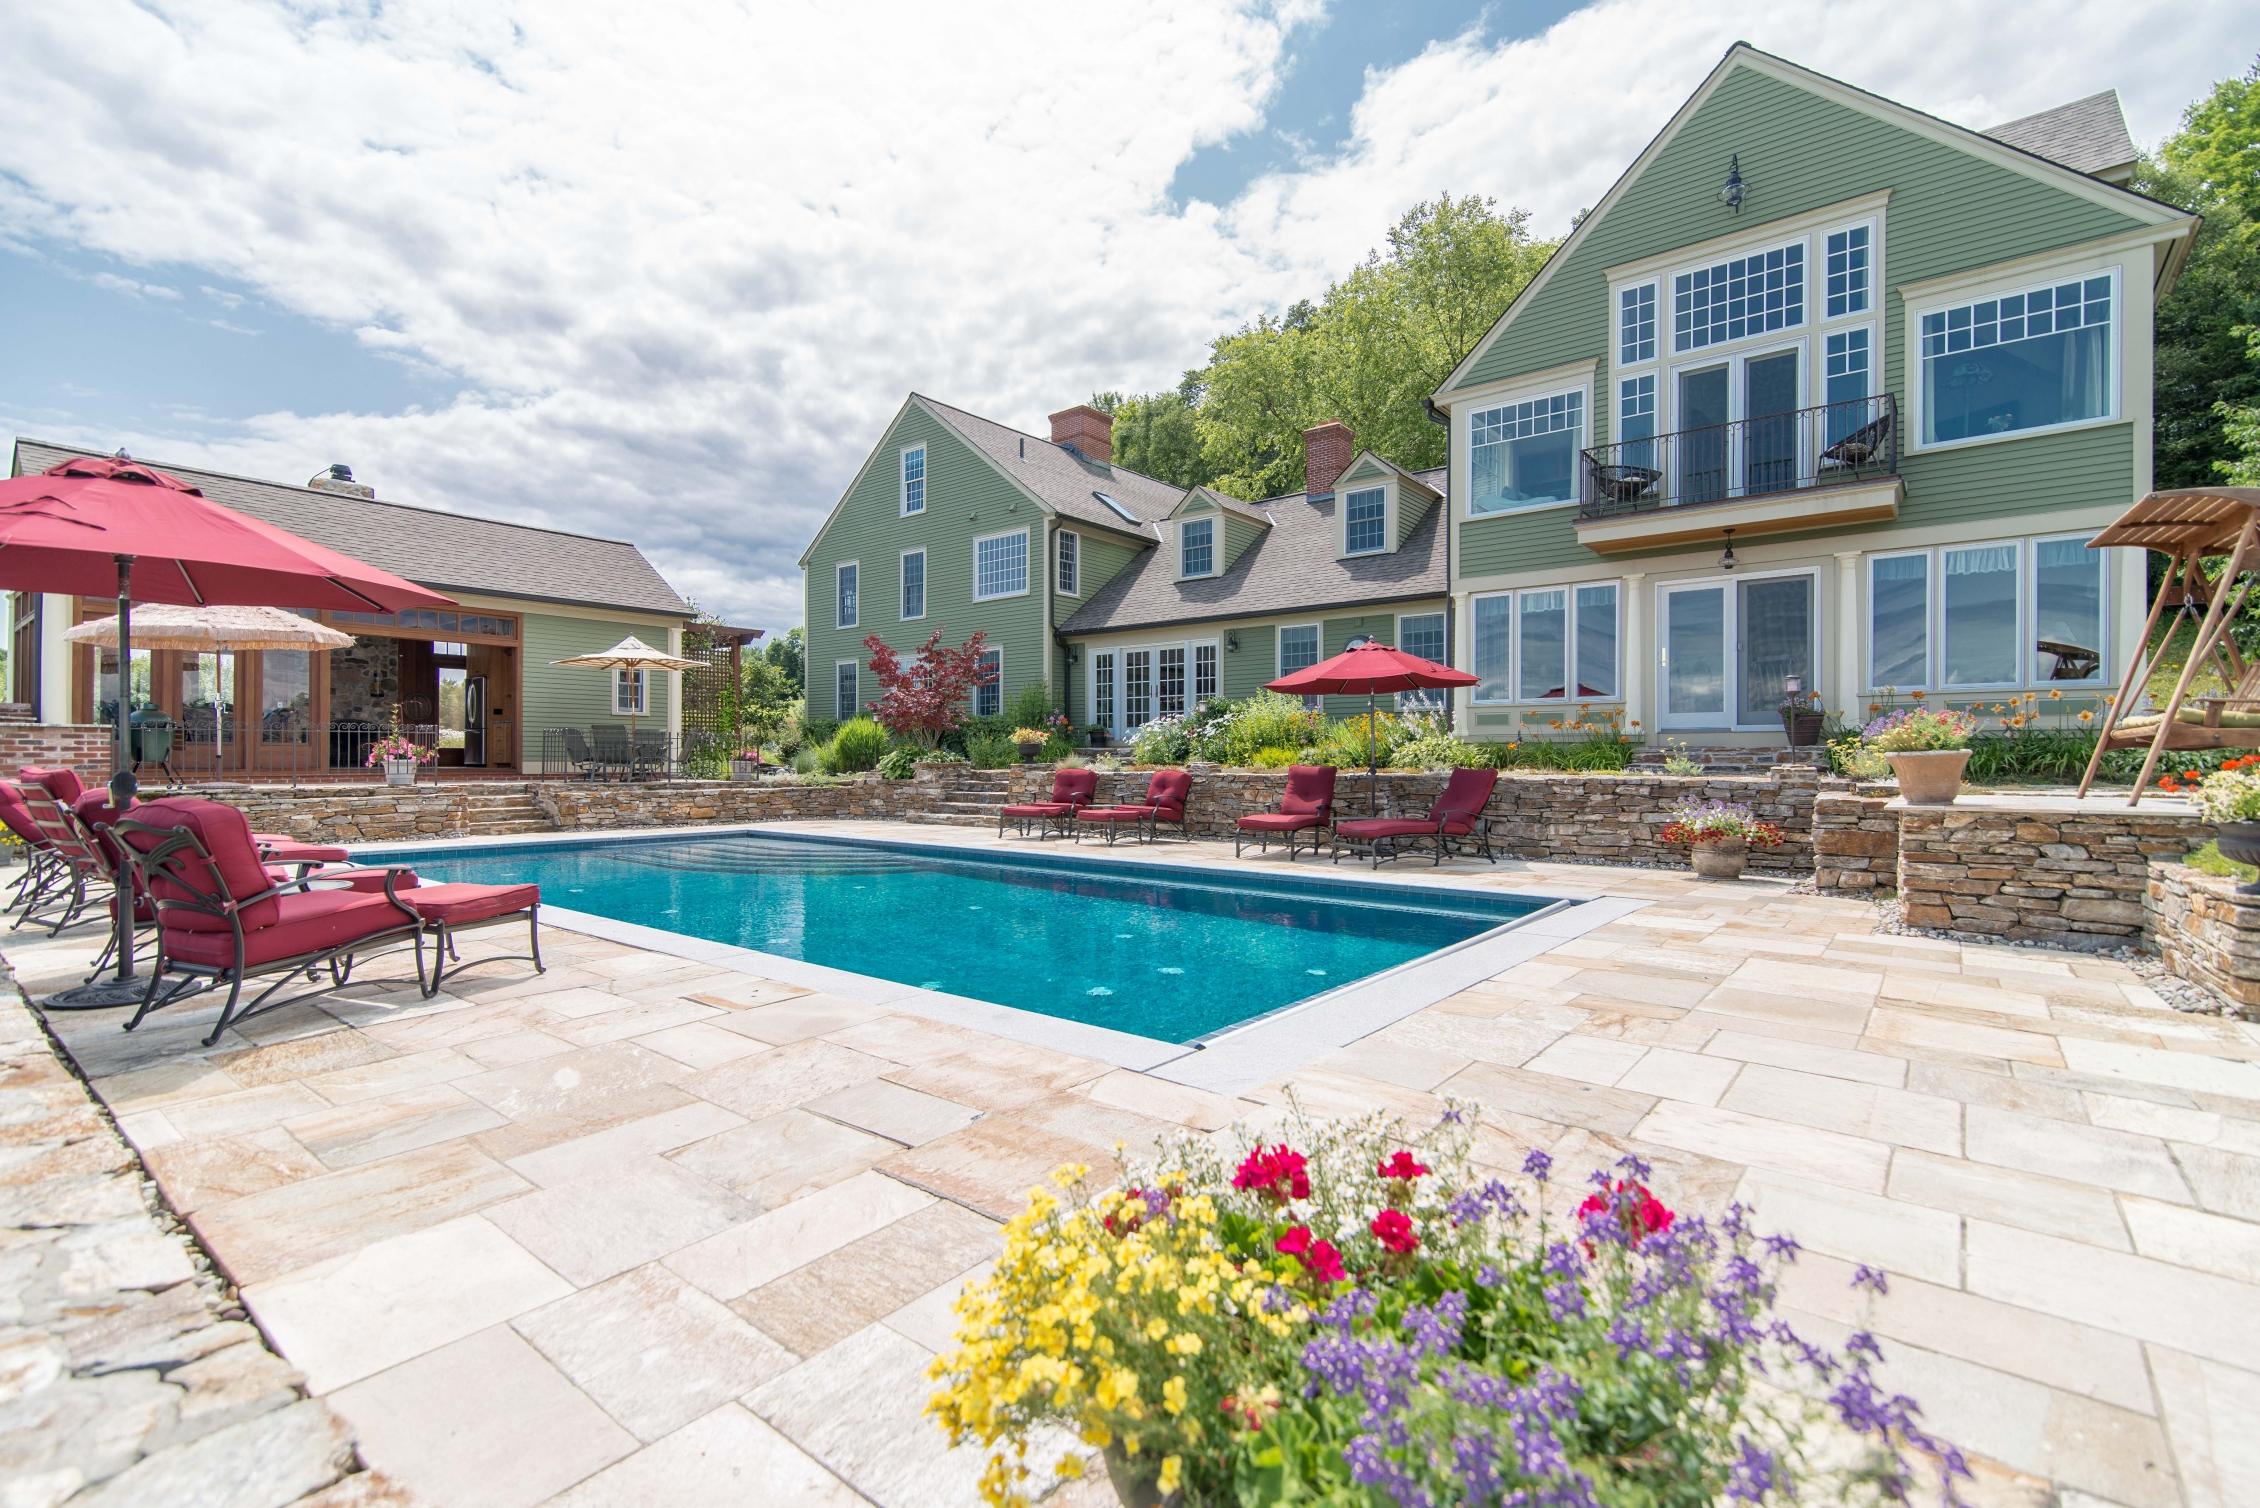 Maison unifamiliale pour l Vente à 354 Dutton Hill Rd, Norwich Norwich, Vermont, 05055 États-Unis